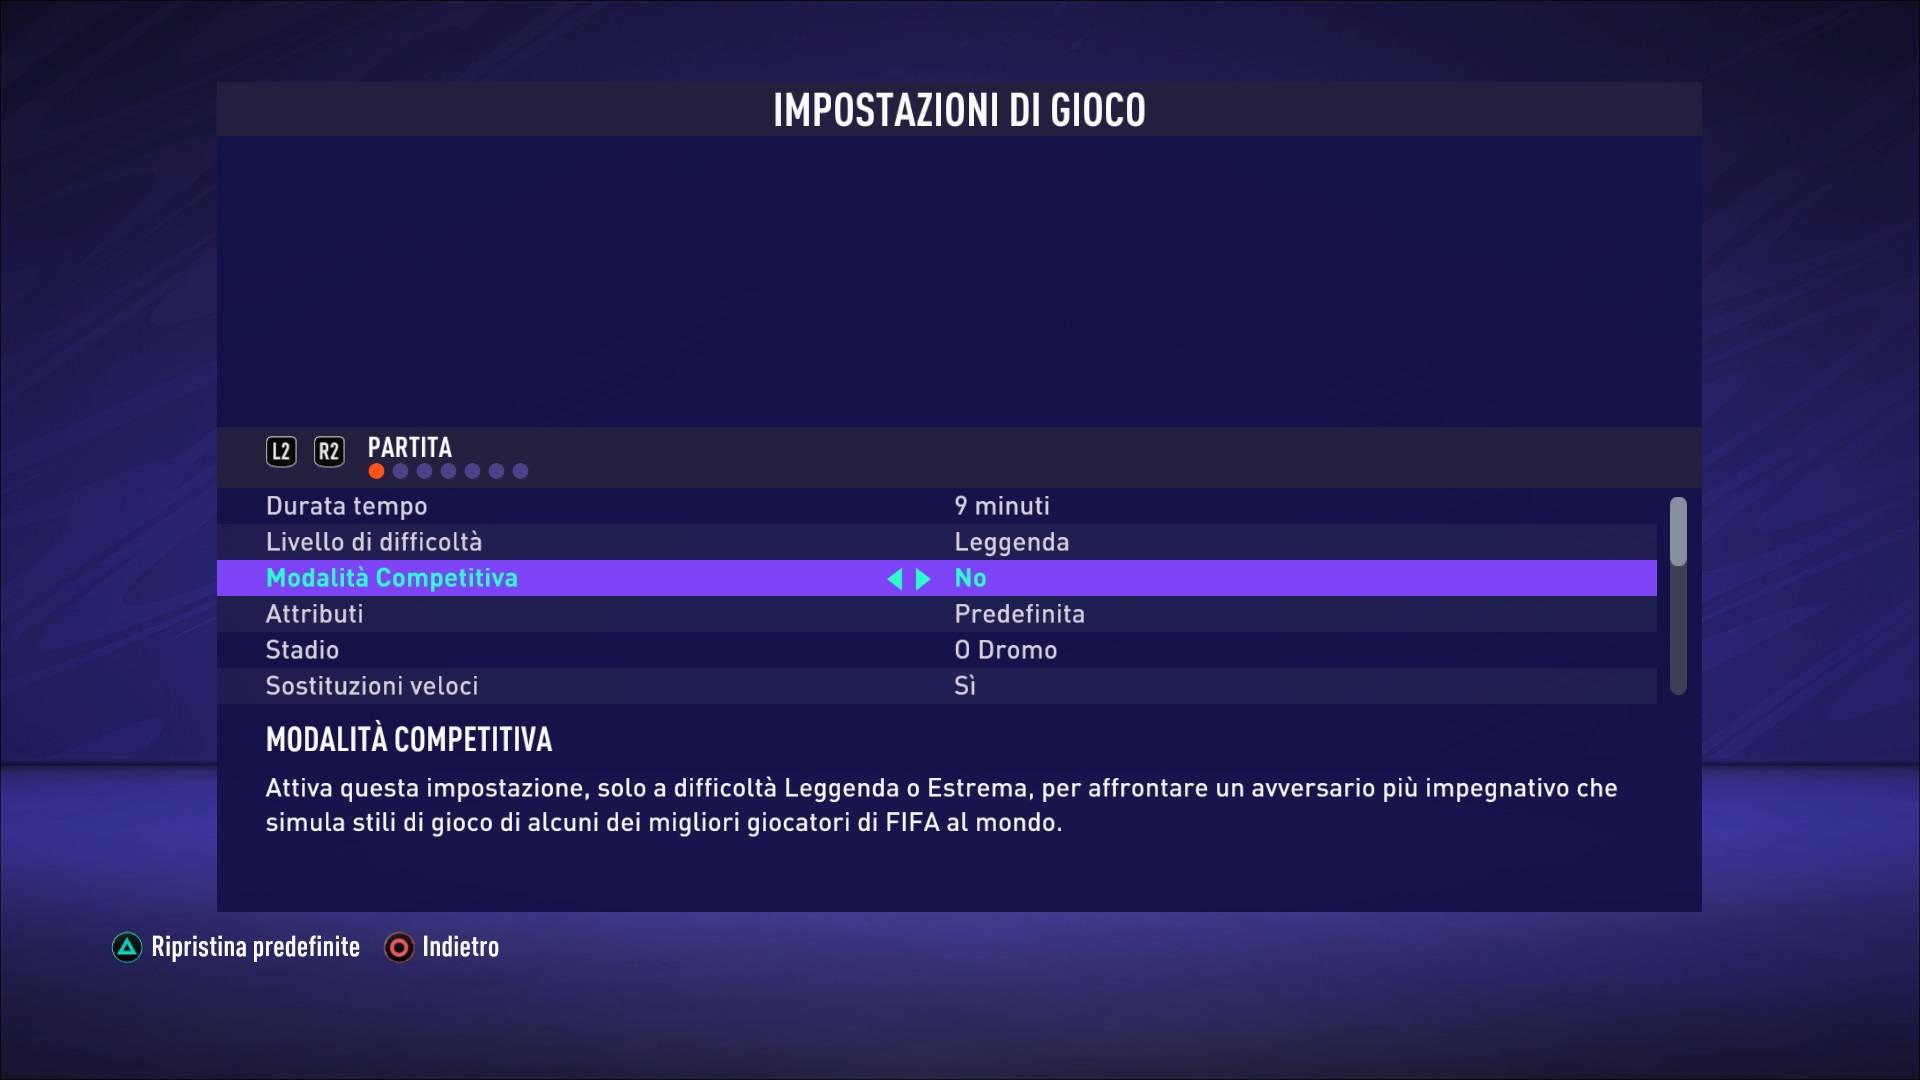 FIFA 21 Modalità competitiva